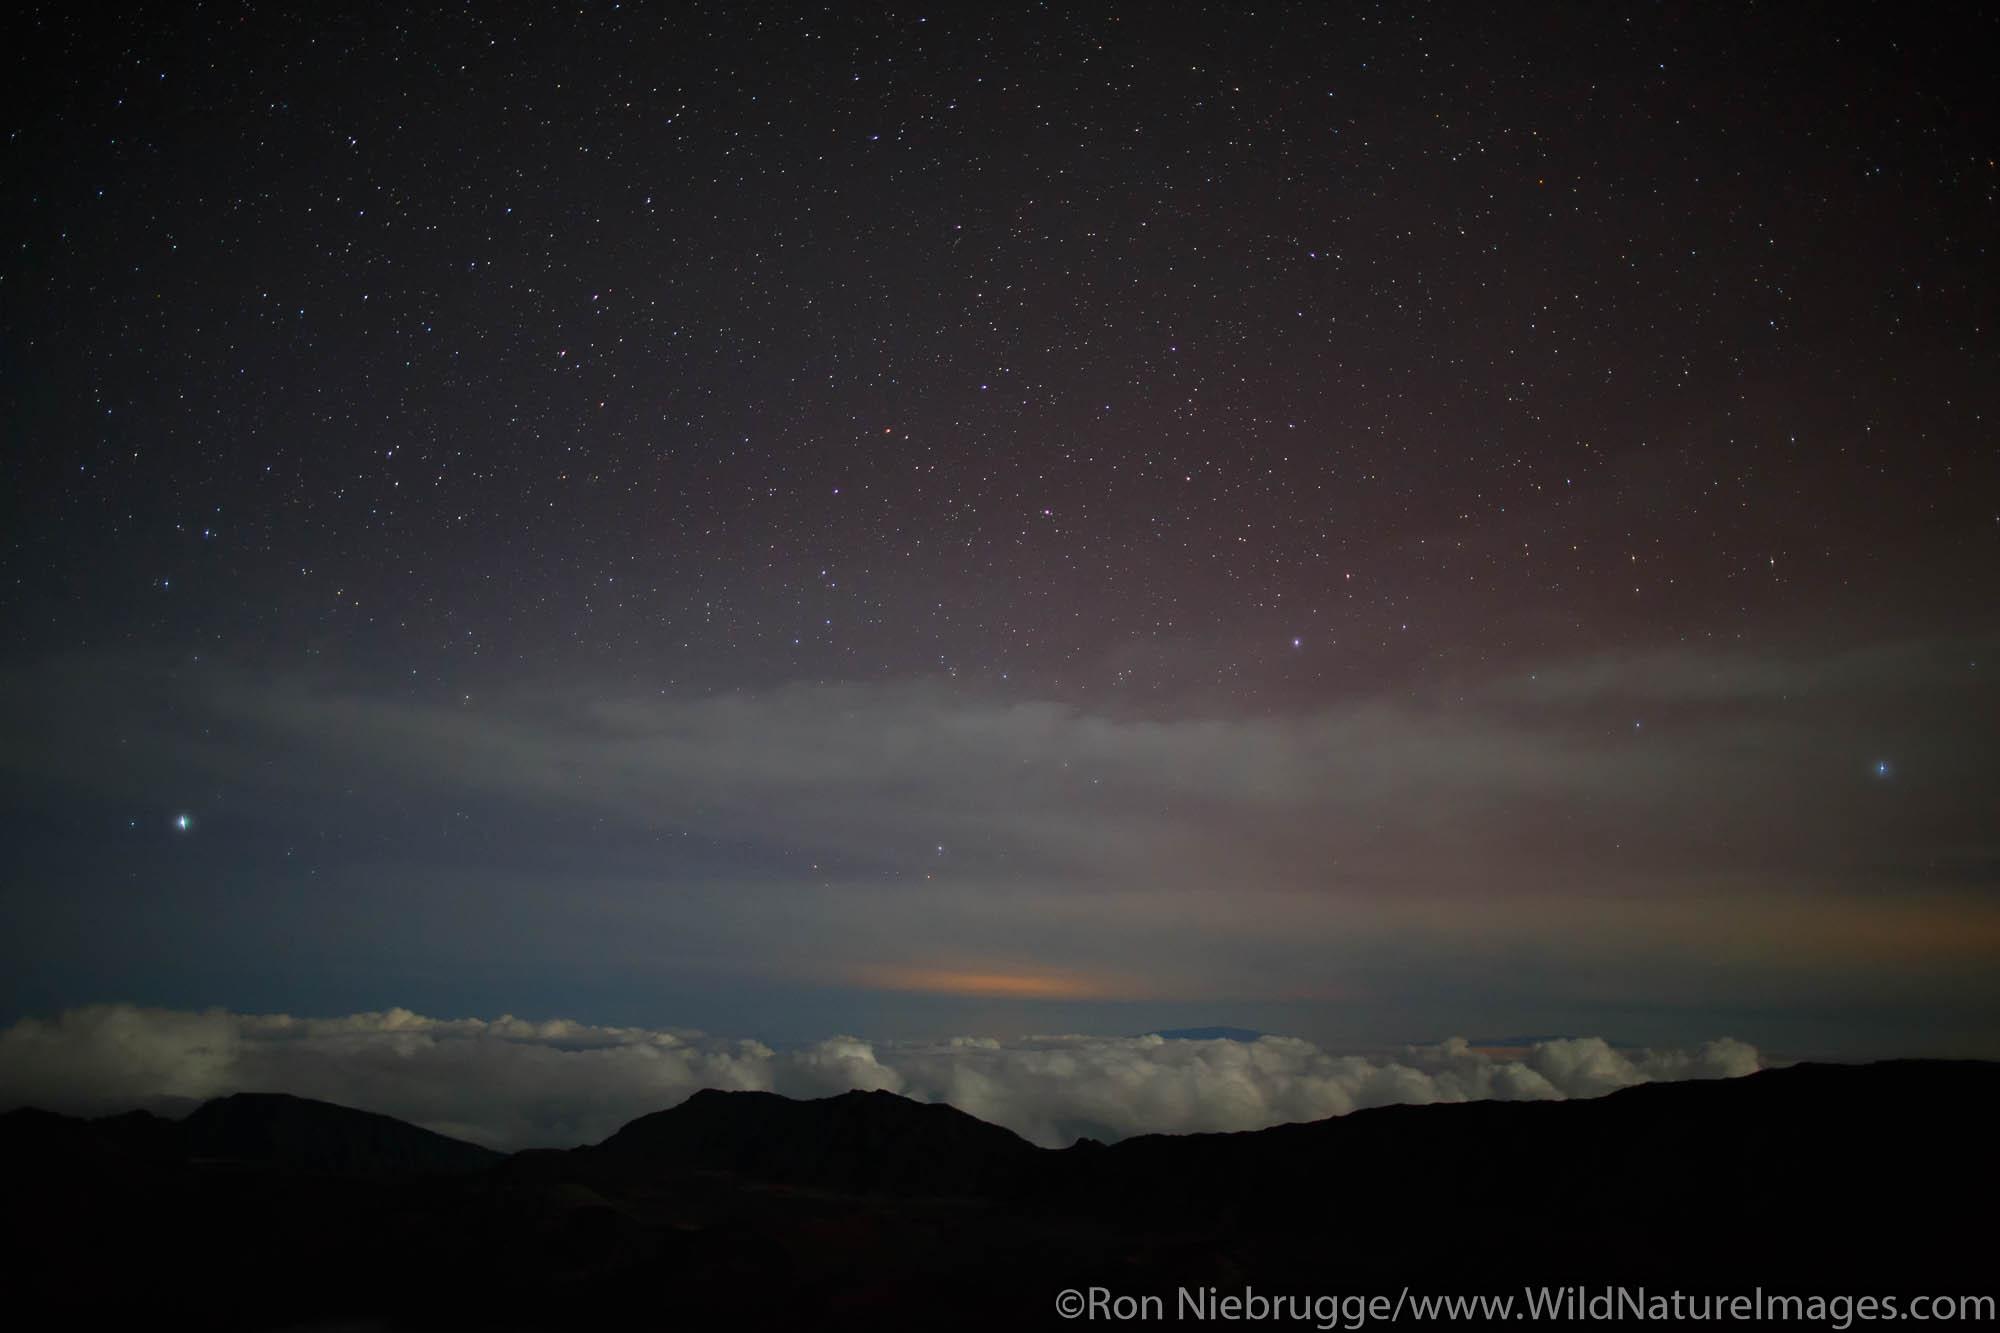 Stars from near the top of Haleakala, Haleakala National Park, Maui, Hawaii.